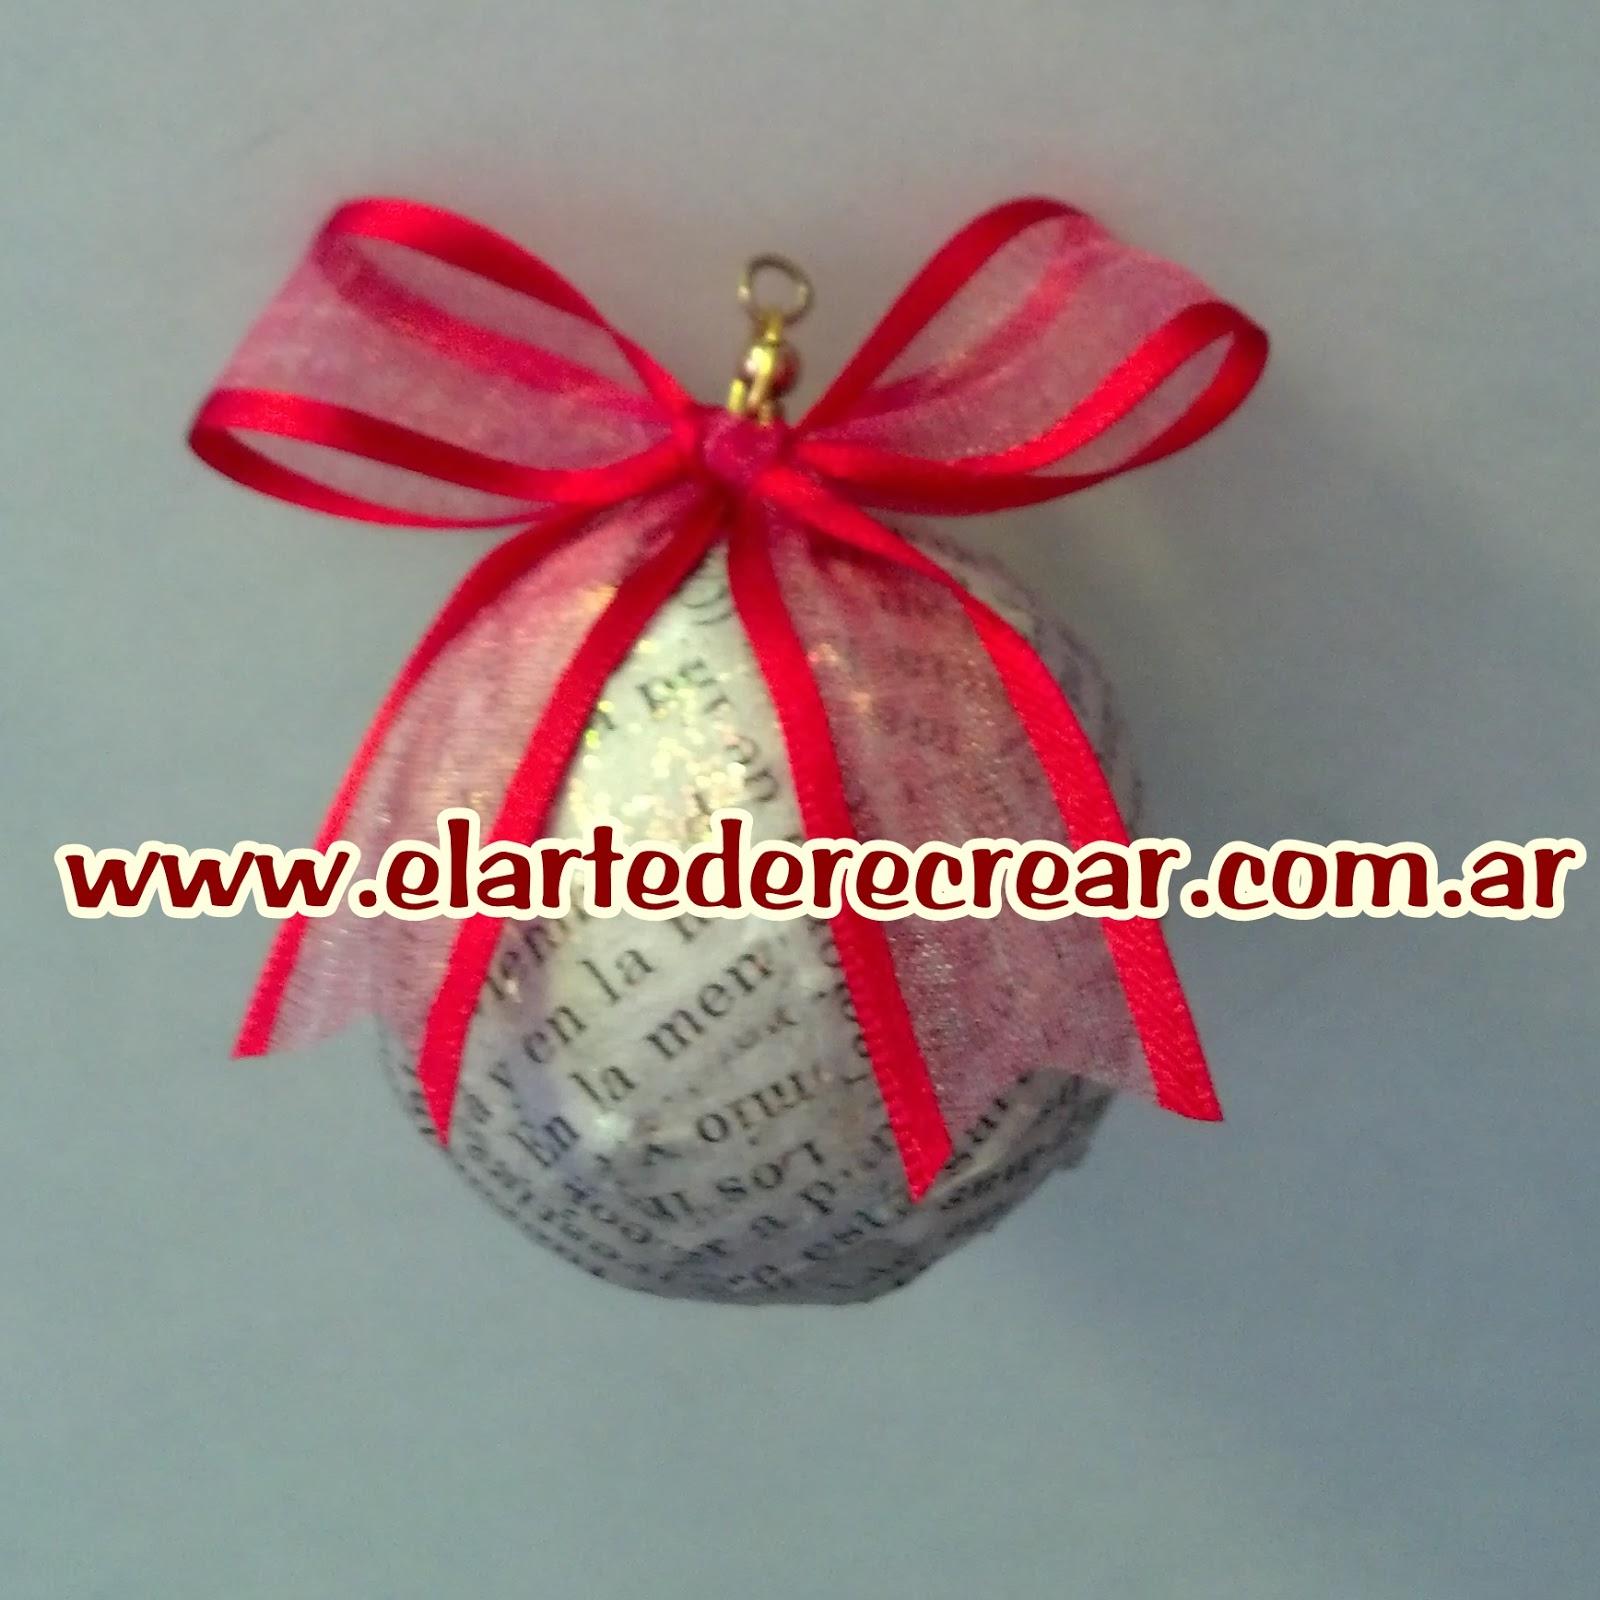 esferas de navidad con papel perid